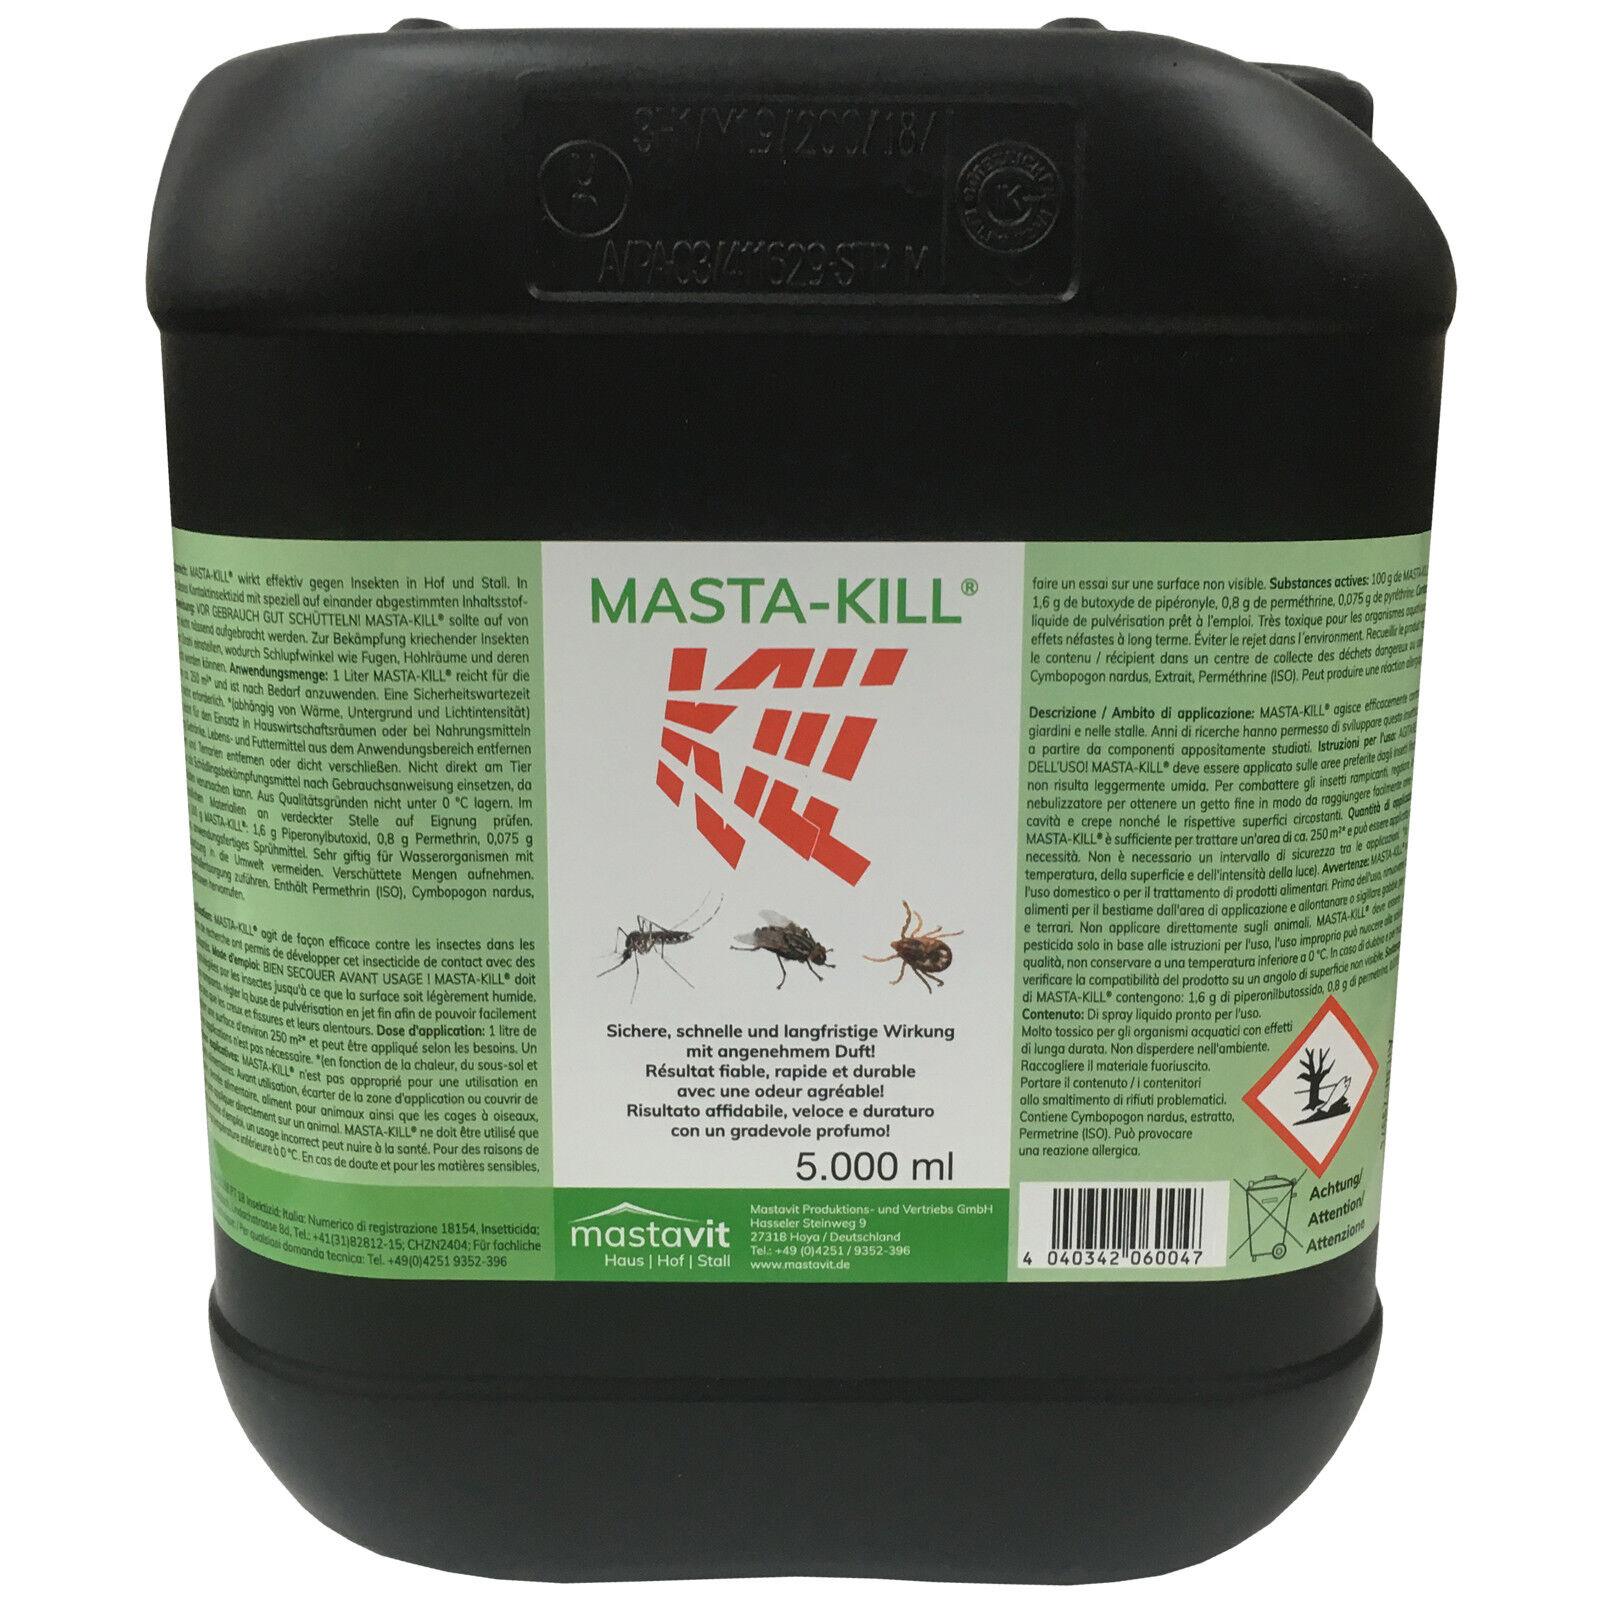 Masta Kill 5 L Masta-Kill 5000 ml Insektenvernichter Fliegenschutz Insektizid